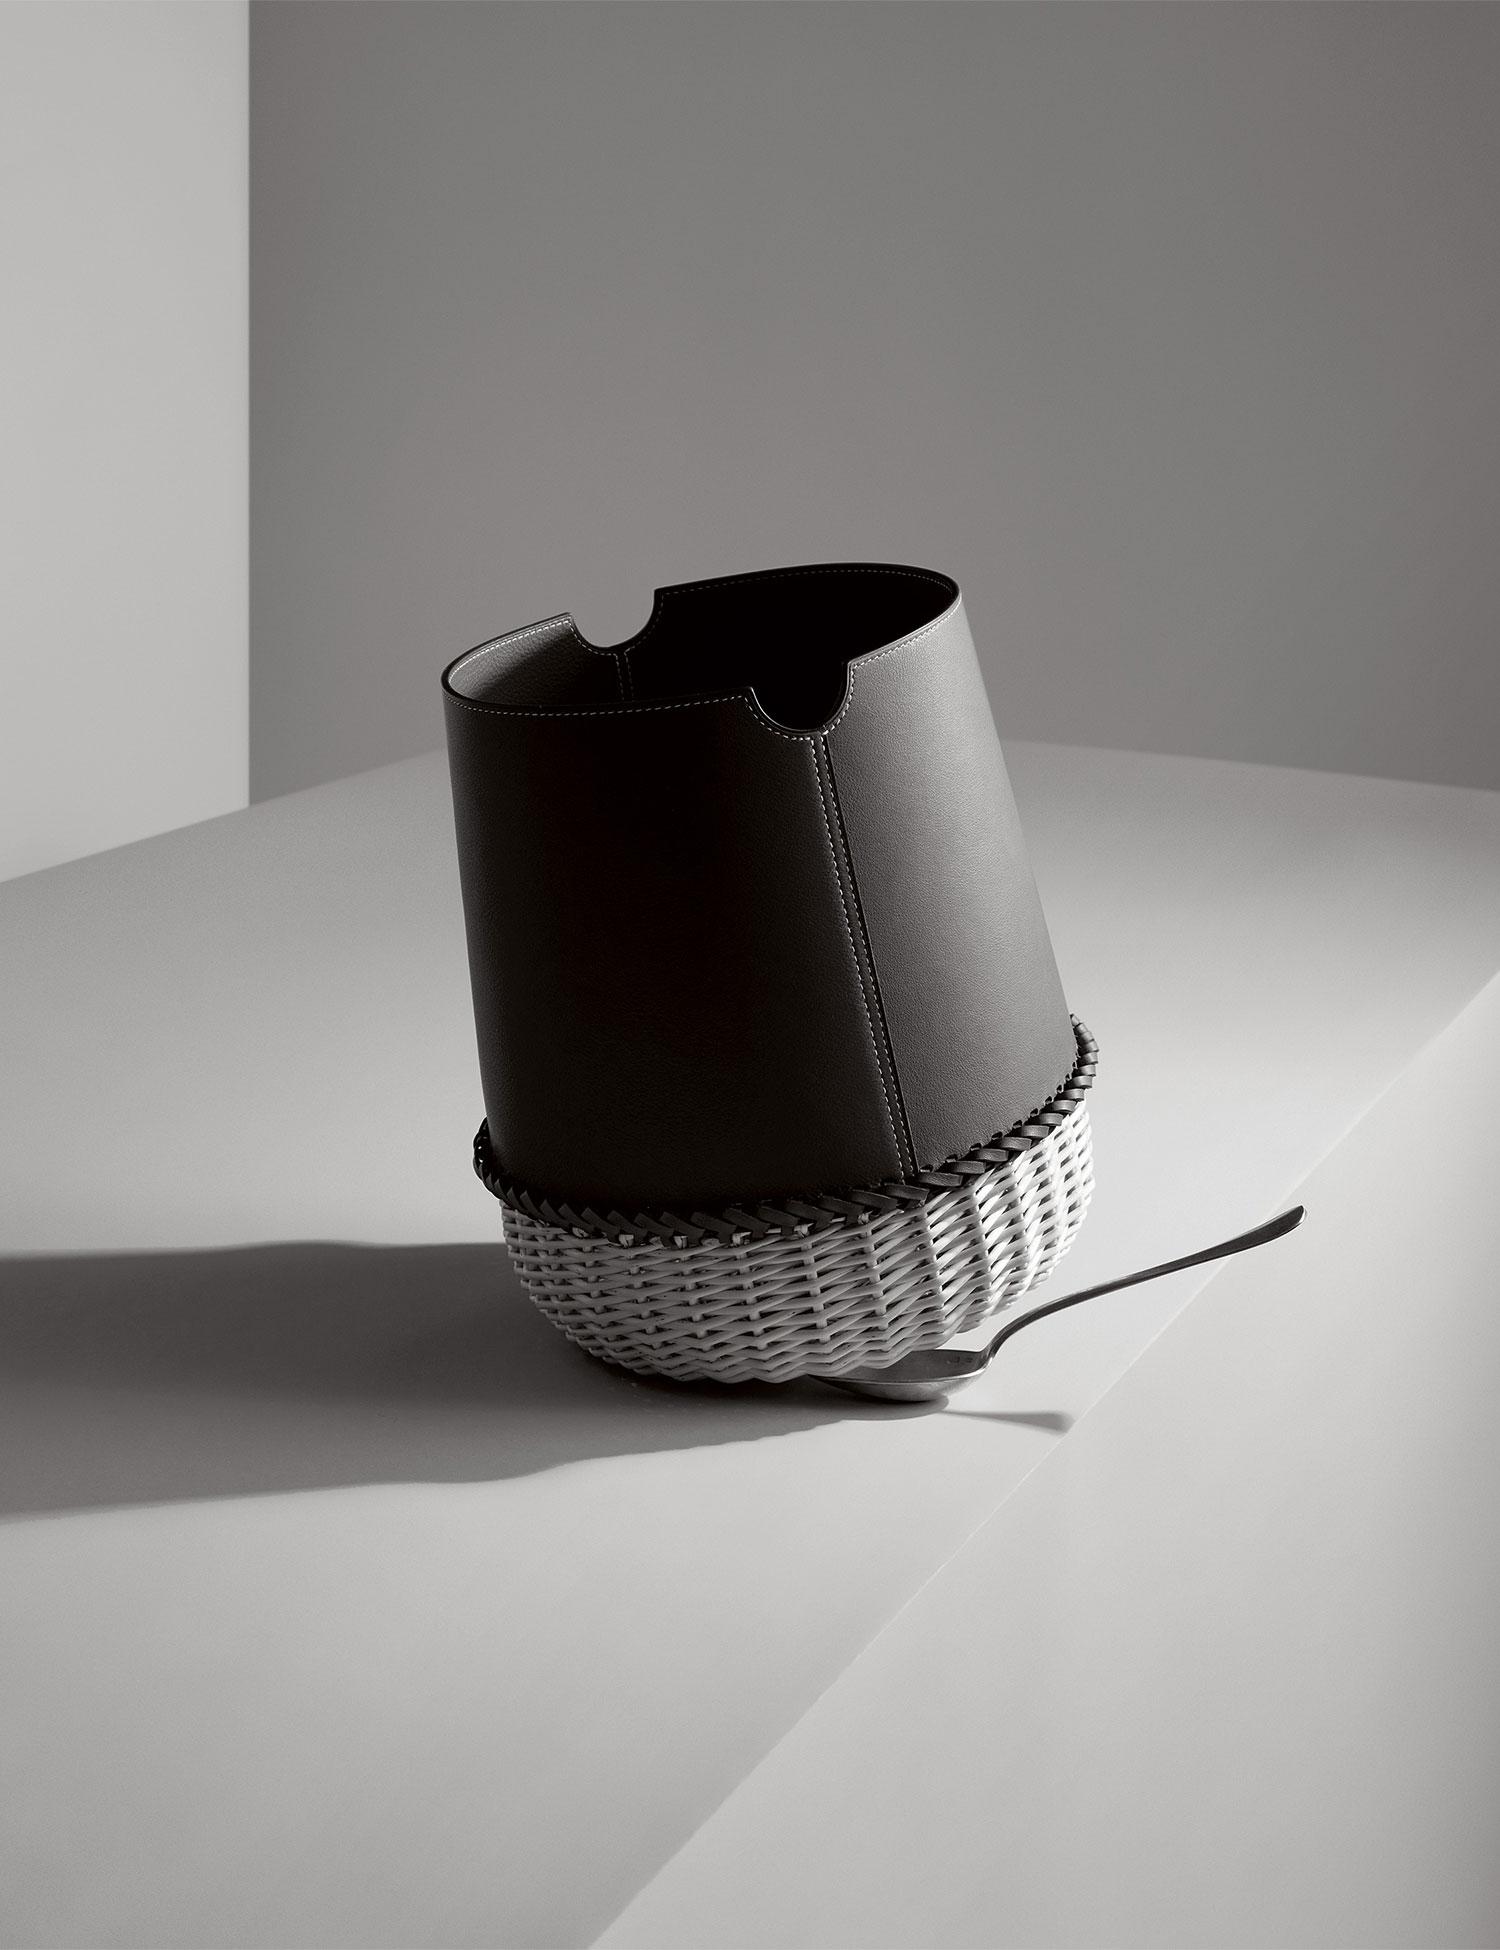 hermes home collections set inside raw brick pavilion in milan. Black Bedroom Furniture Sets. Home Design Ideas